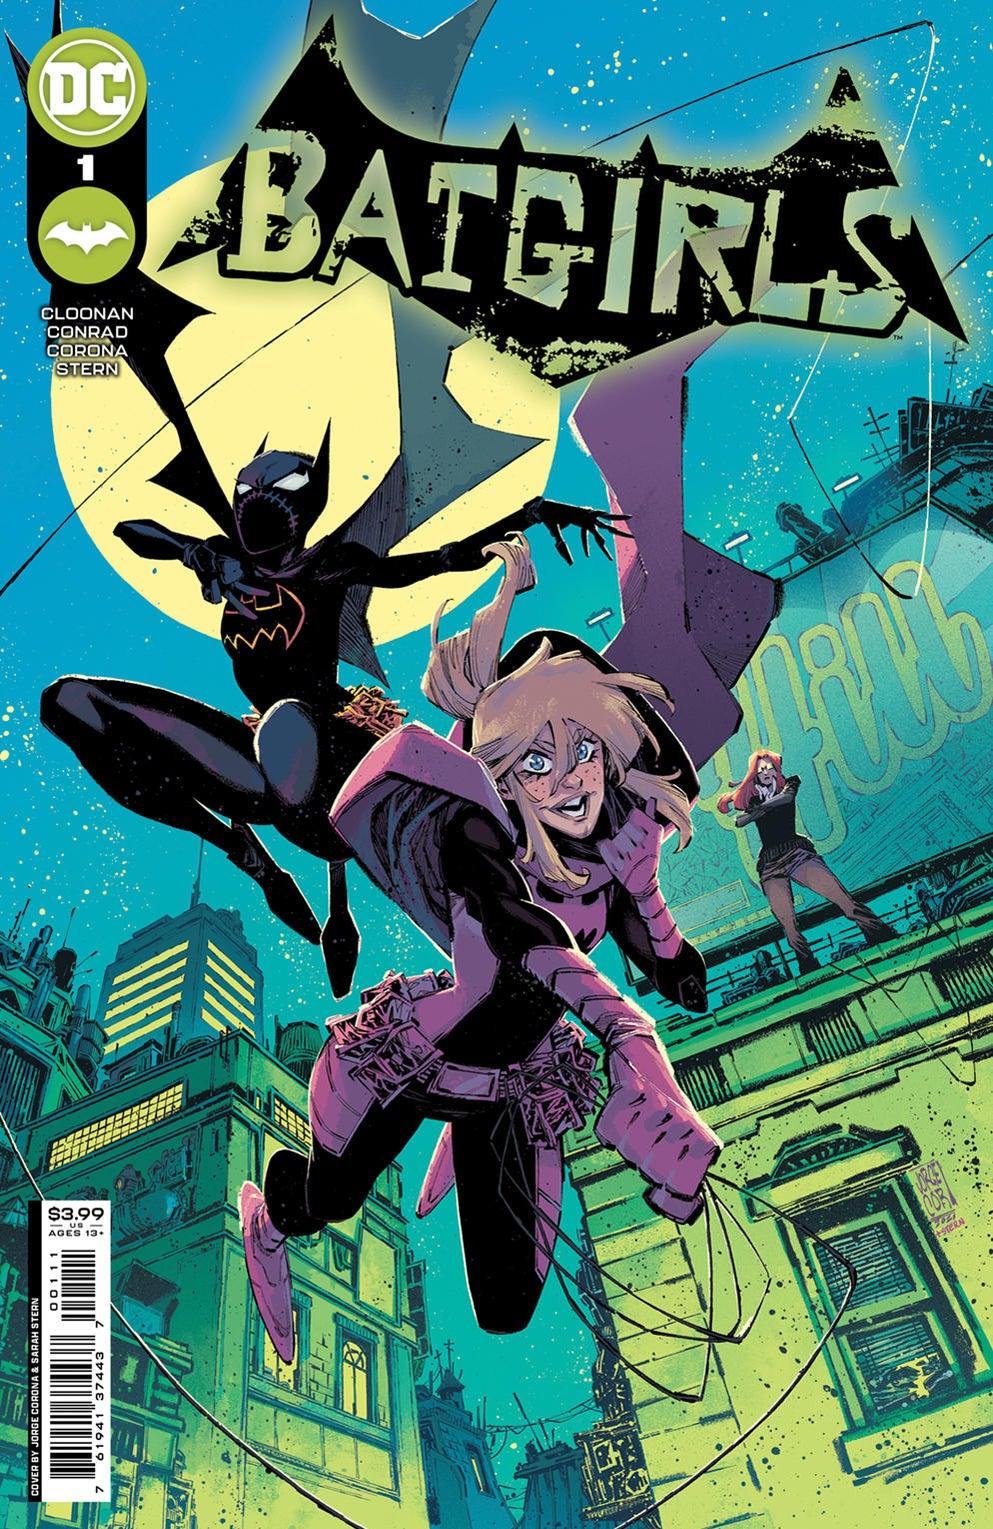 batgirls-1-2021-cover.jpg